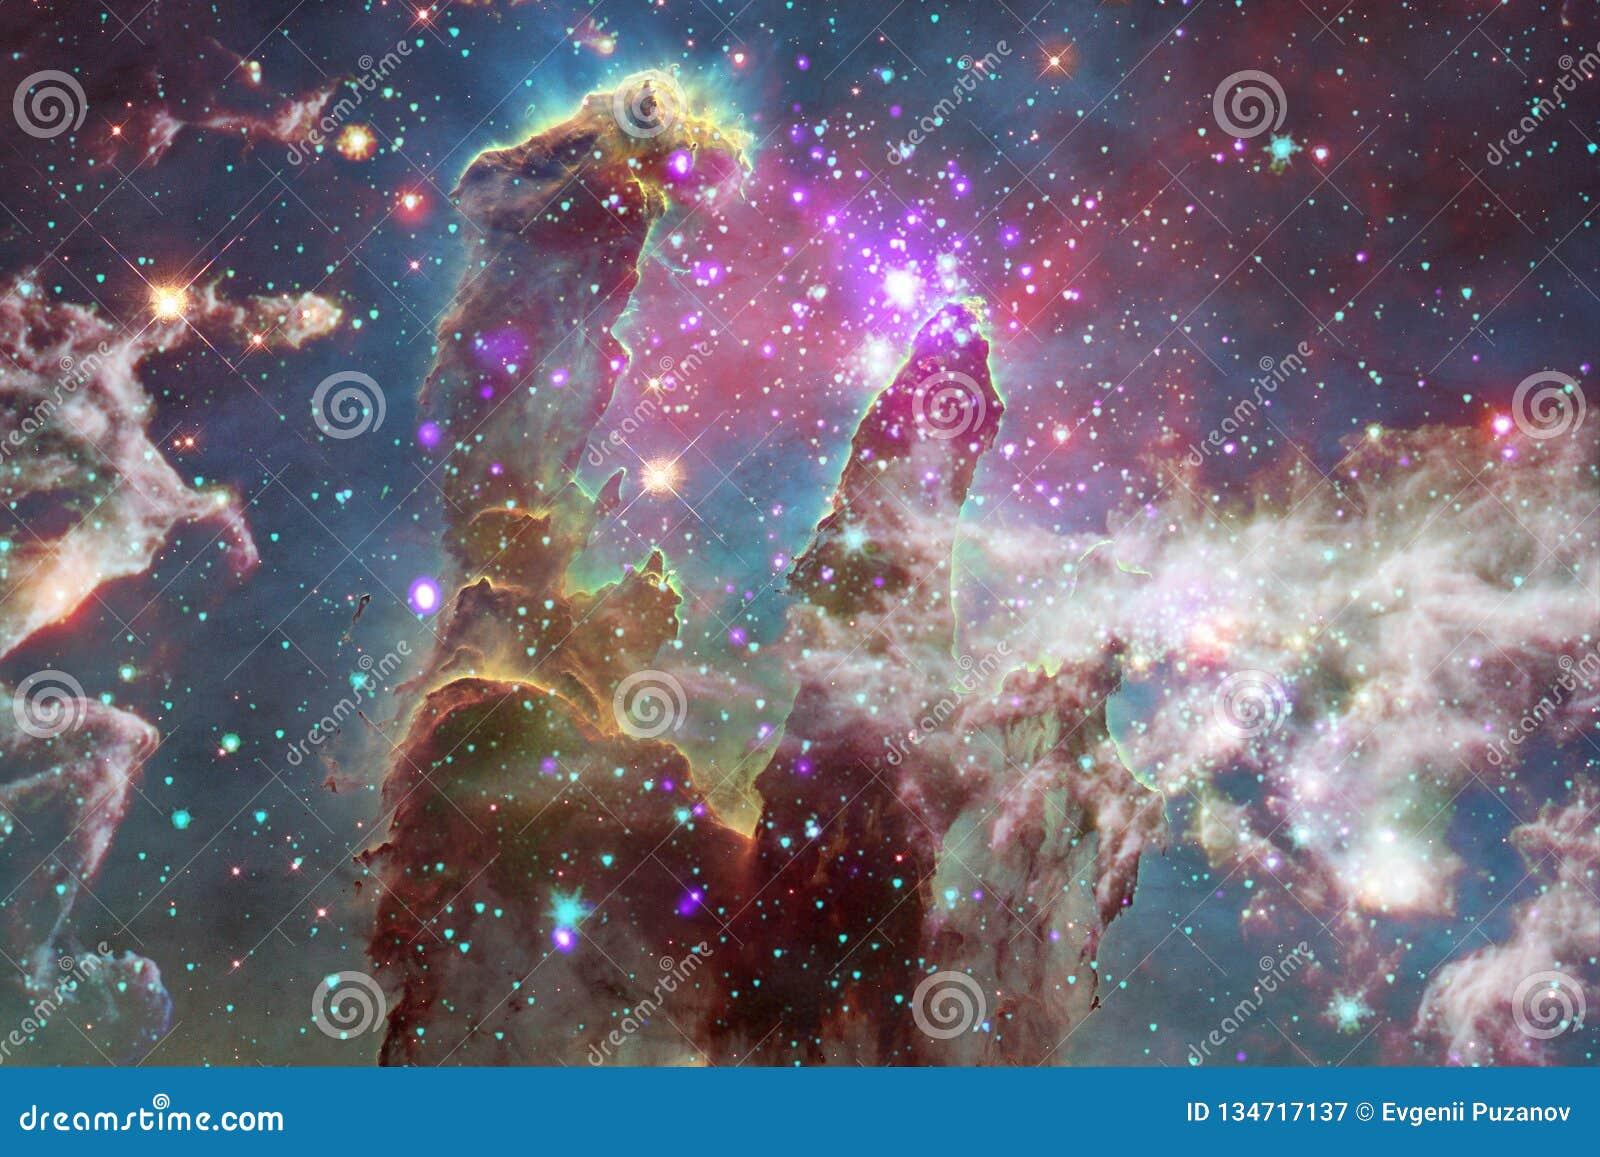 Incredibly härlig galax många ljusår långt från jorden